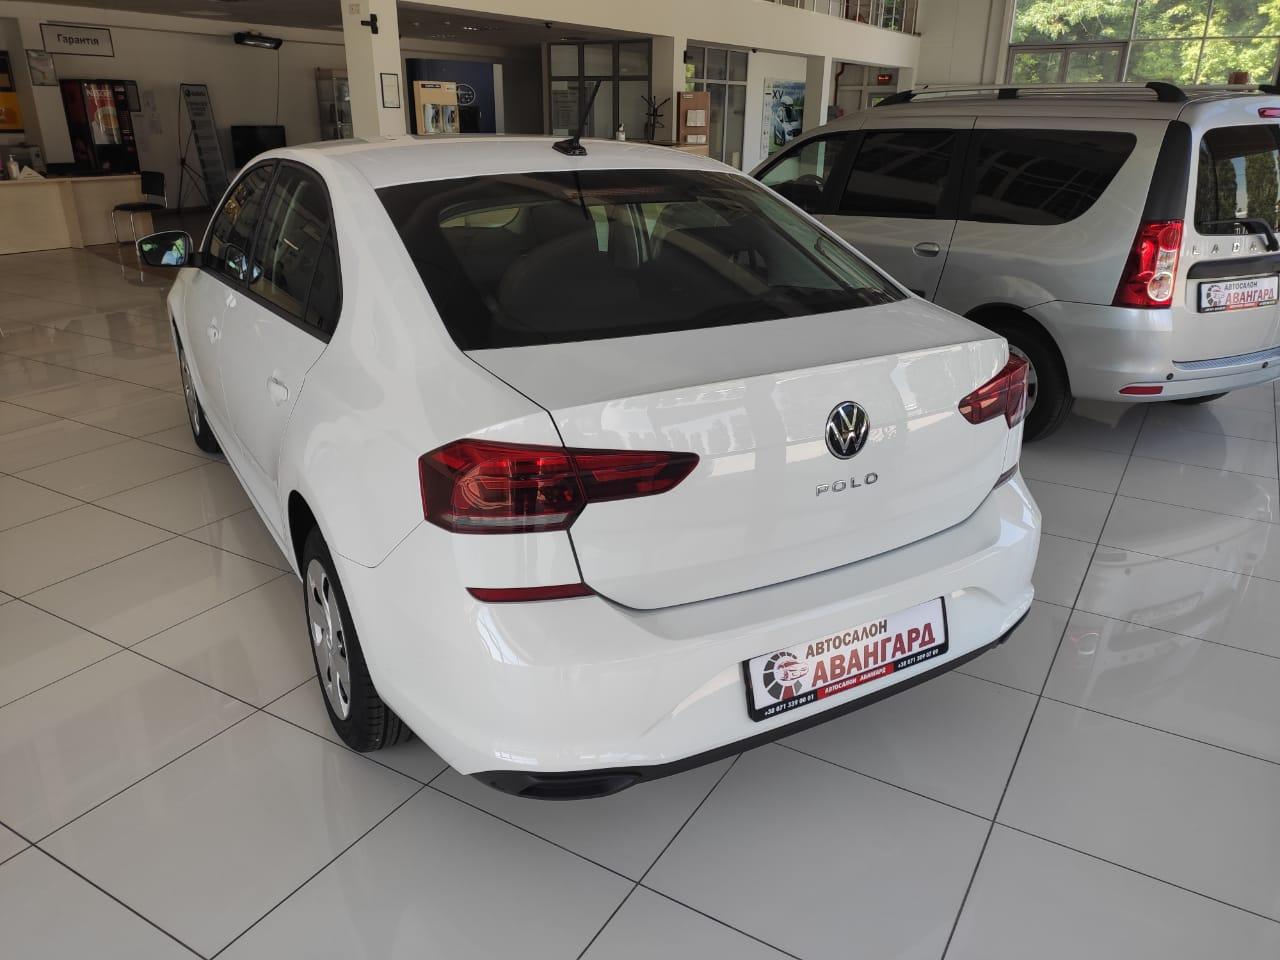 Volkswagen Polo лифтбек 1.6 л. (110 л.с.), 5МТ Respect + Пакет »Зимний» + Центральный подлокотник спереди с нишей, Белый 2021